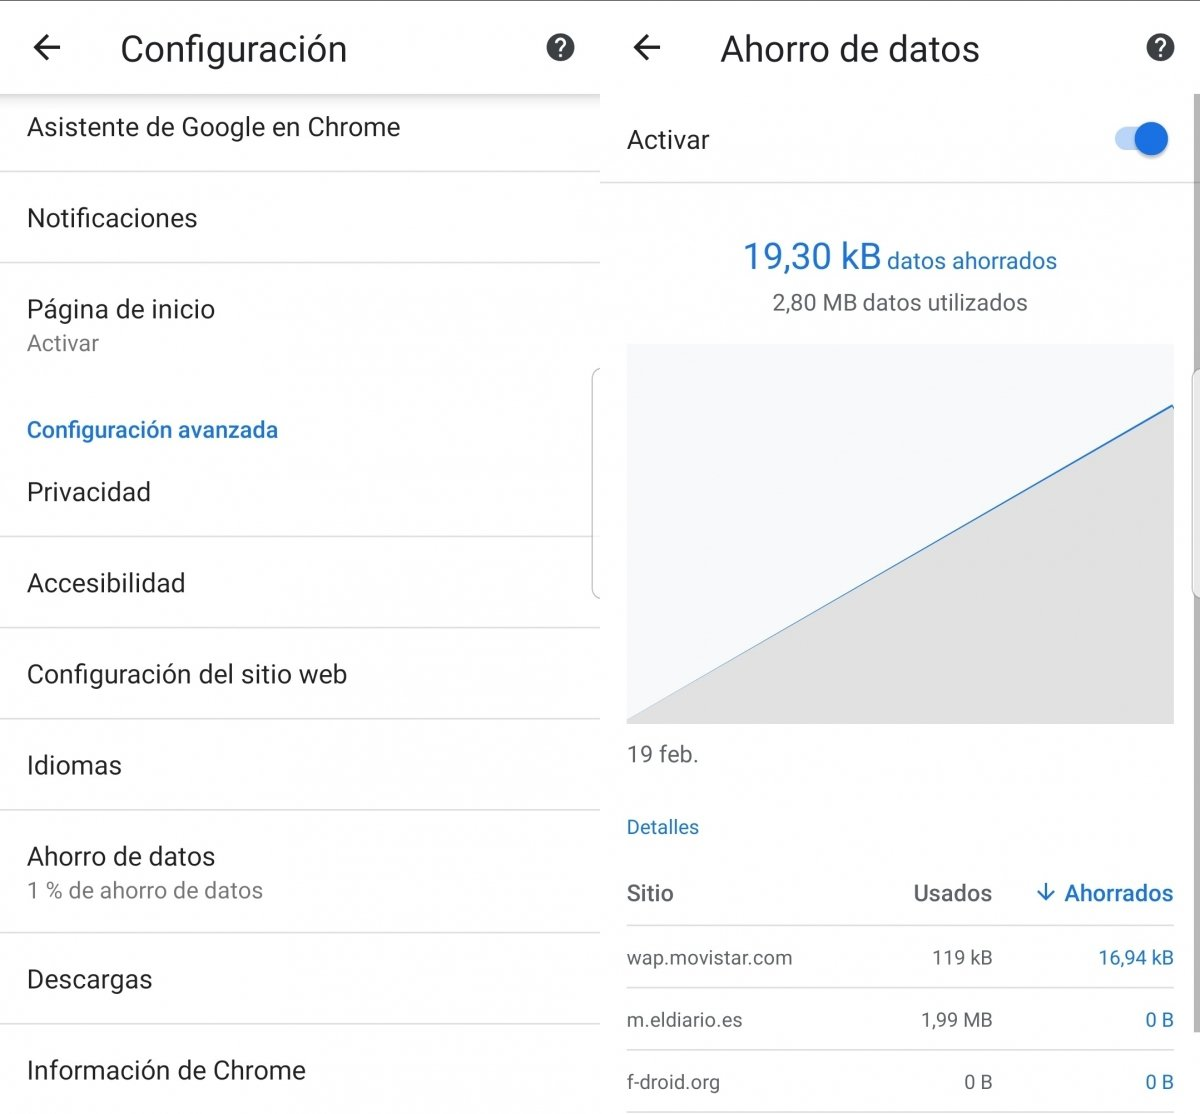 Modo ahorro de datos de Chrome